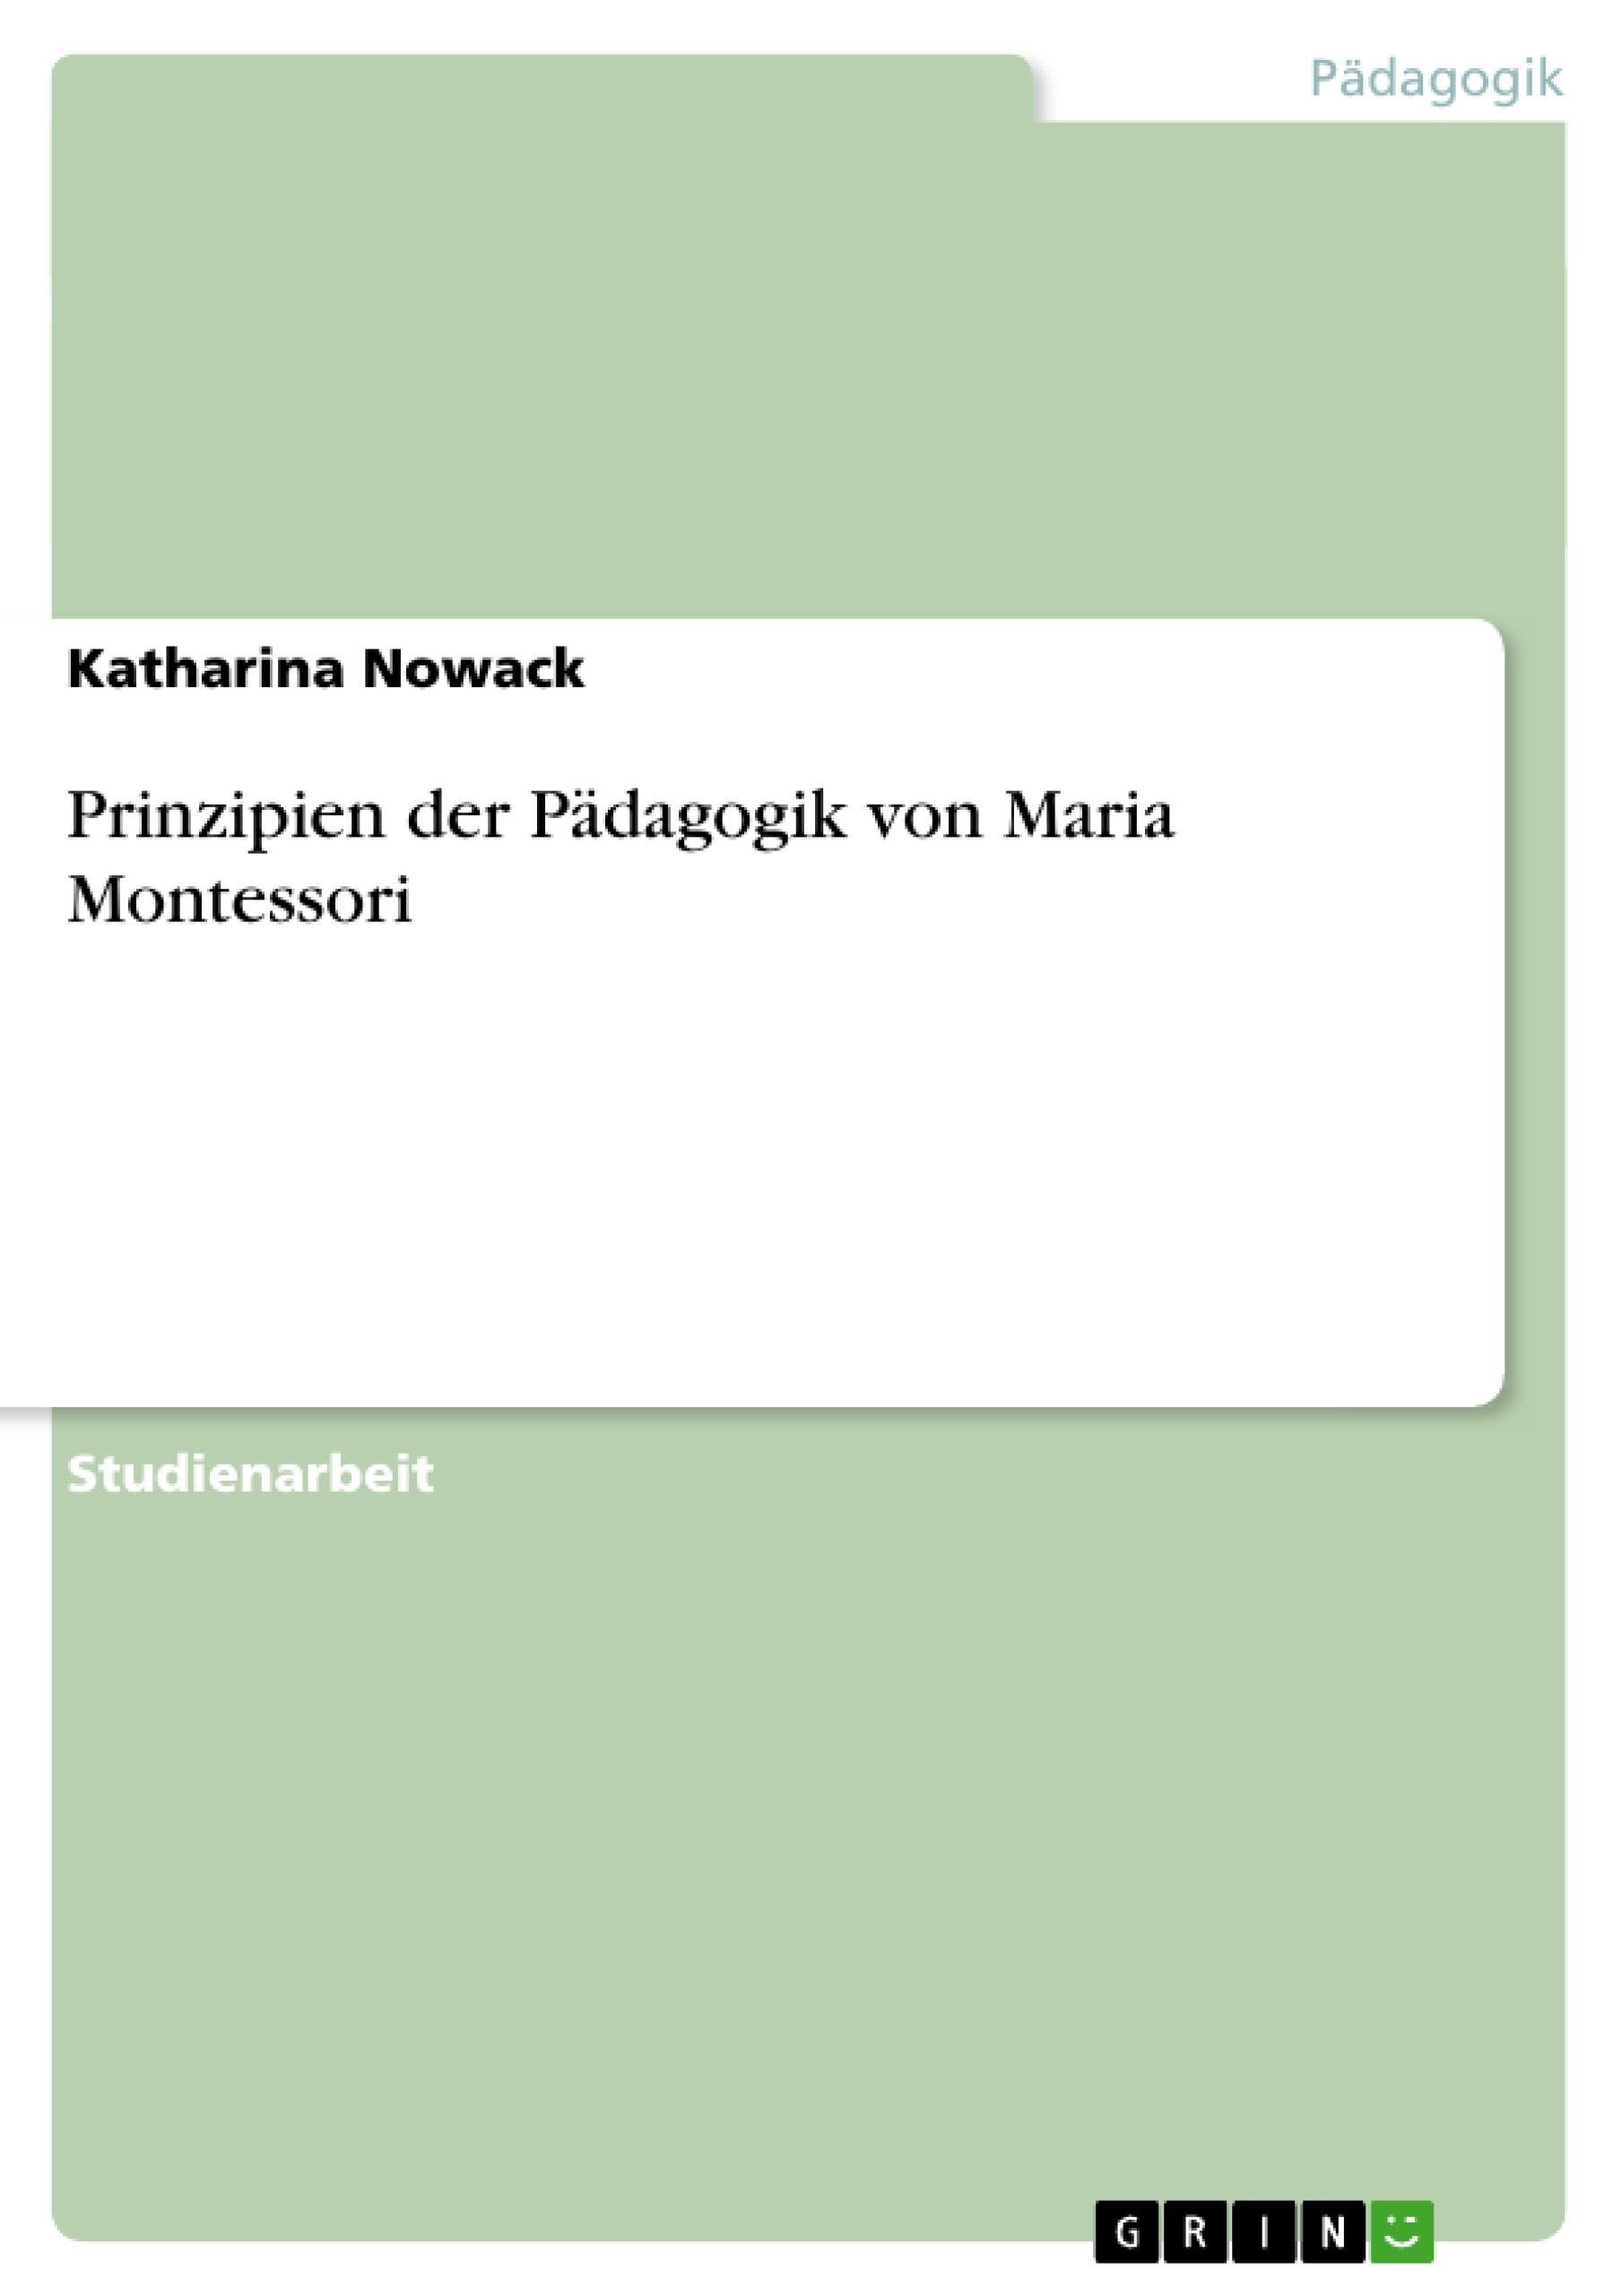 Titel: Prinzipien der Pädagogik von Maria Montessori